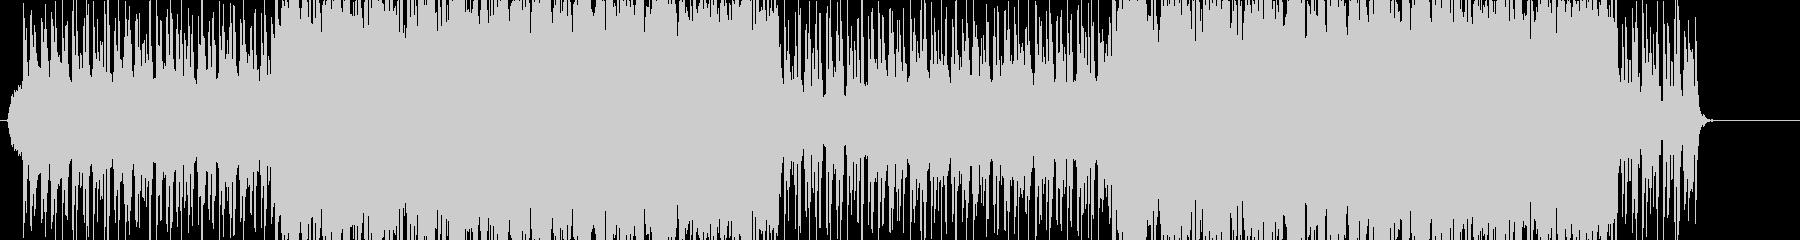 ルネサンス 前衛的芸術 弦楽協奏曲B27の未再生の波形